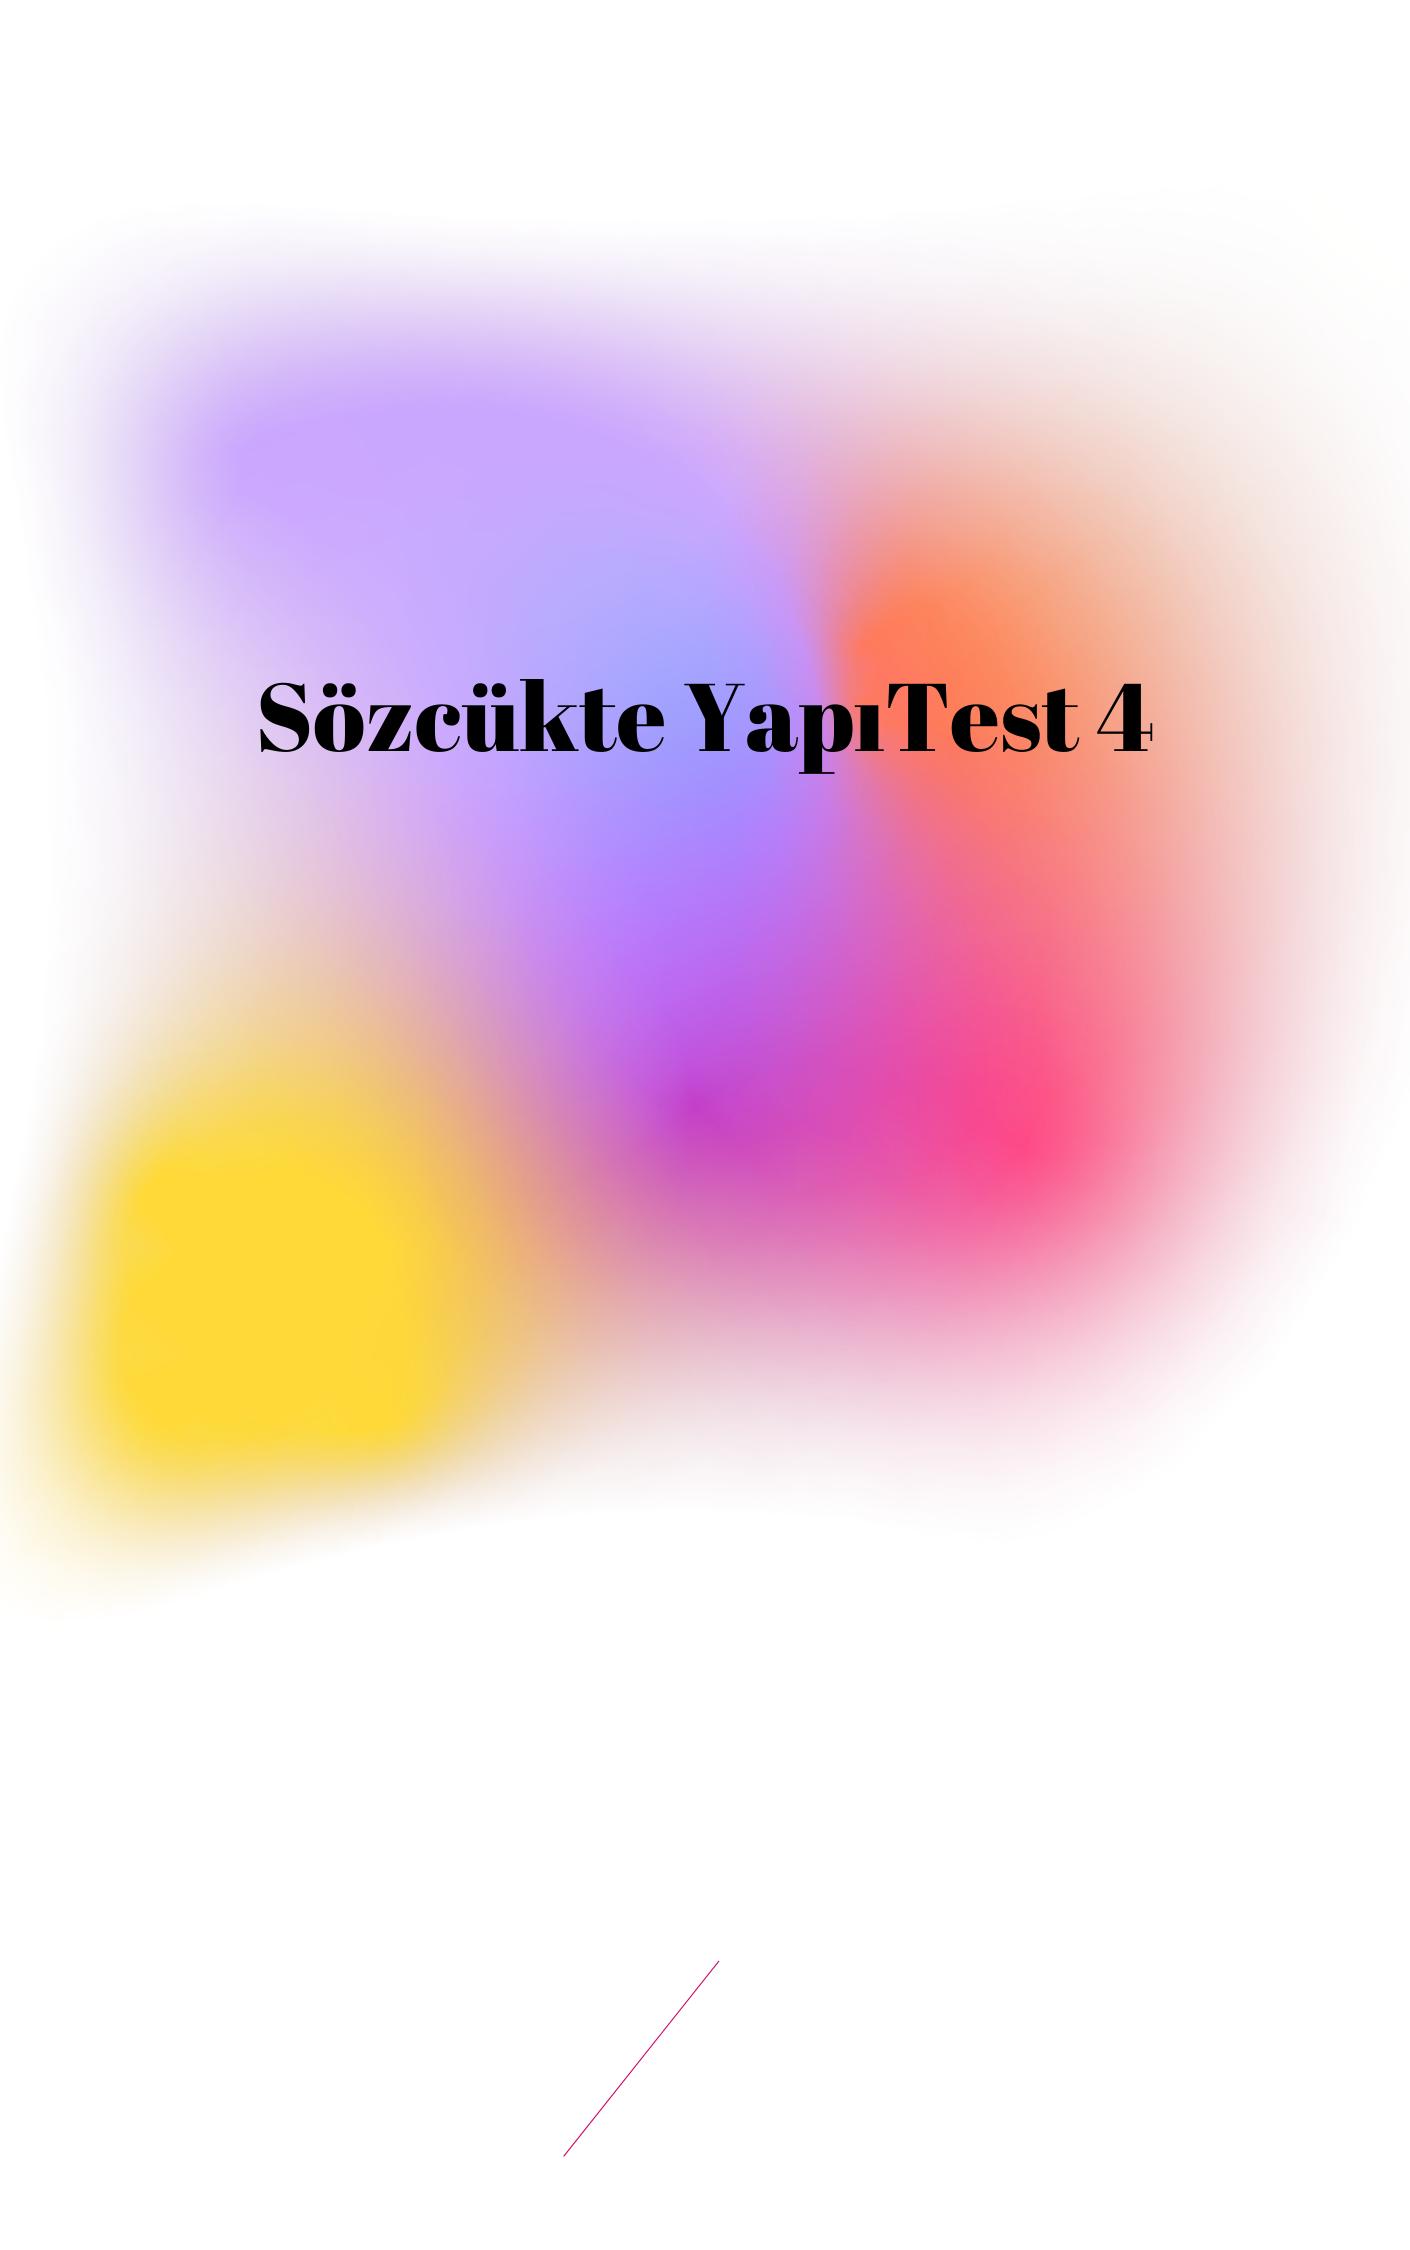 Sözcükte Yapı Test 4